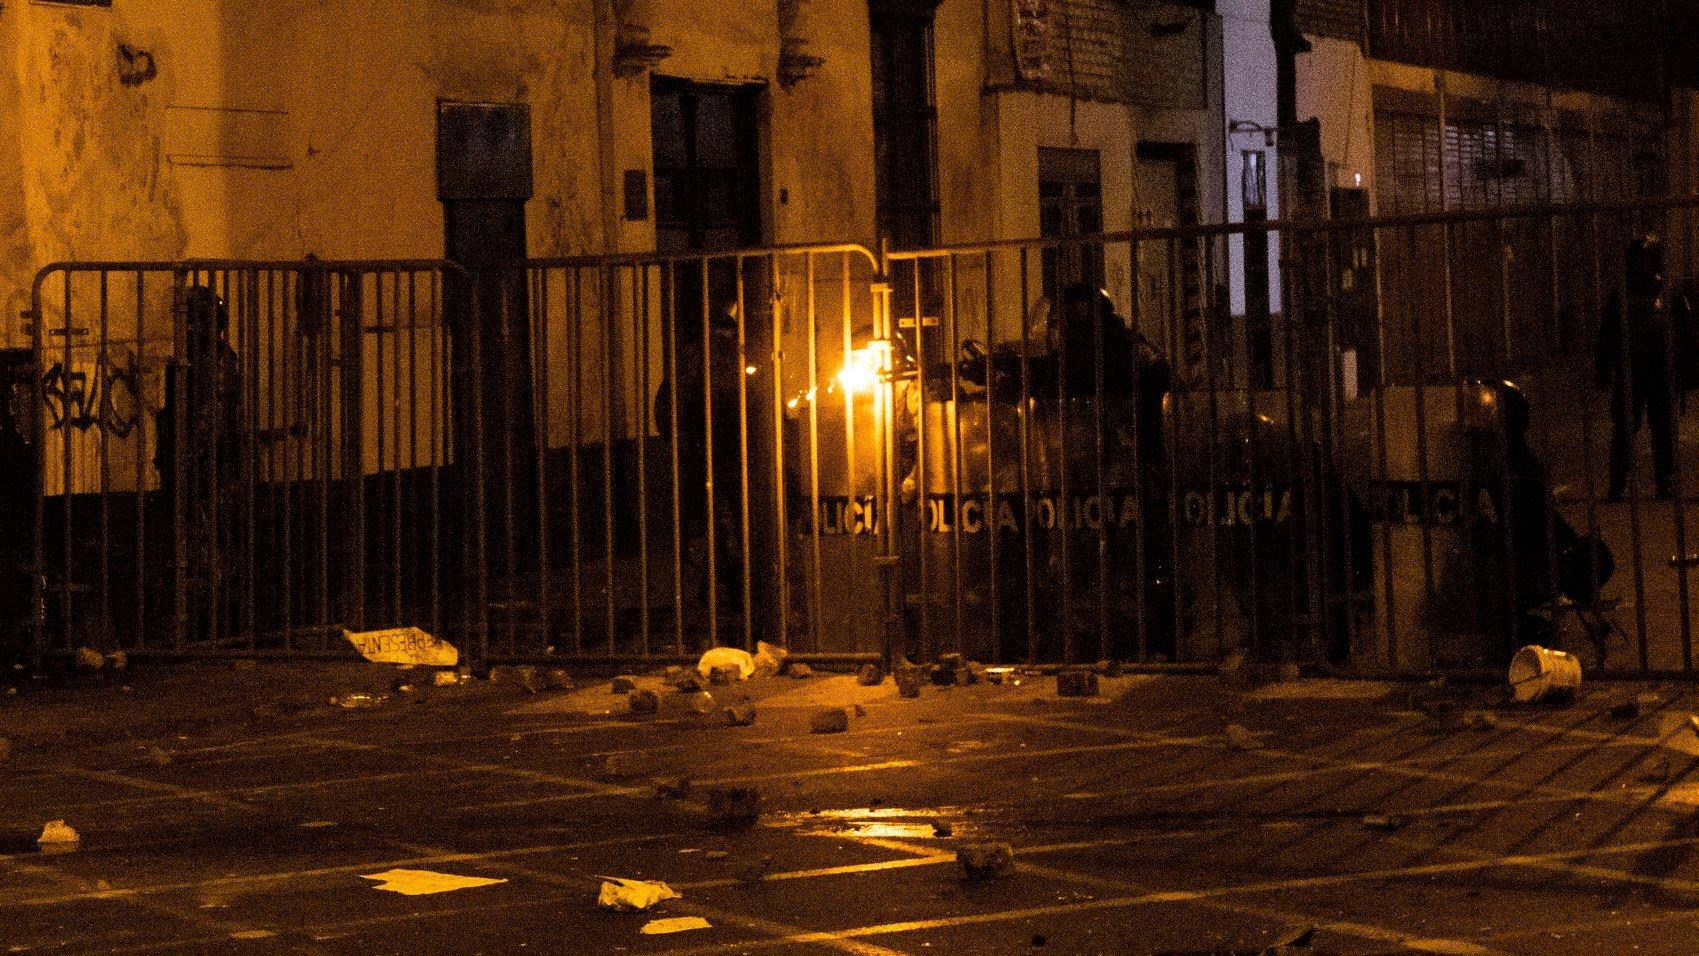 Policía dispara en contra de los manifestantes. Foto: CNDDHH